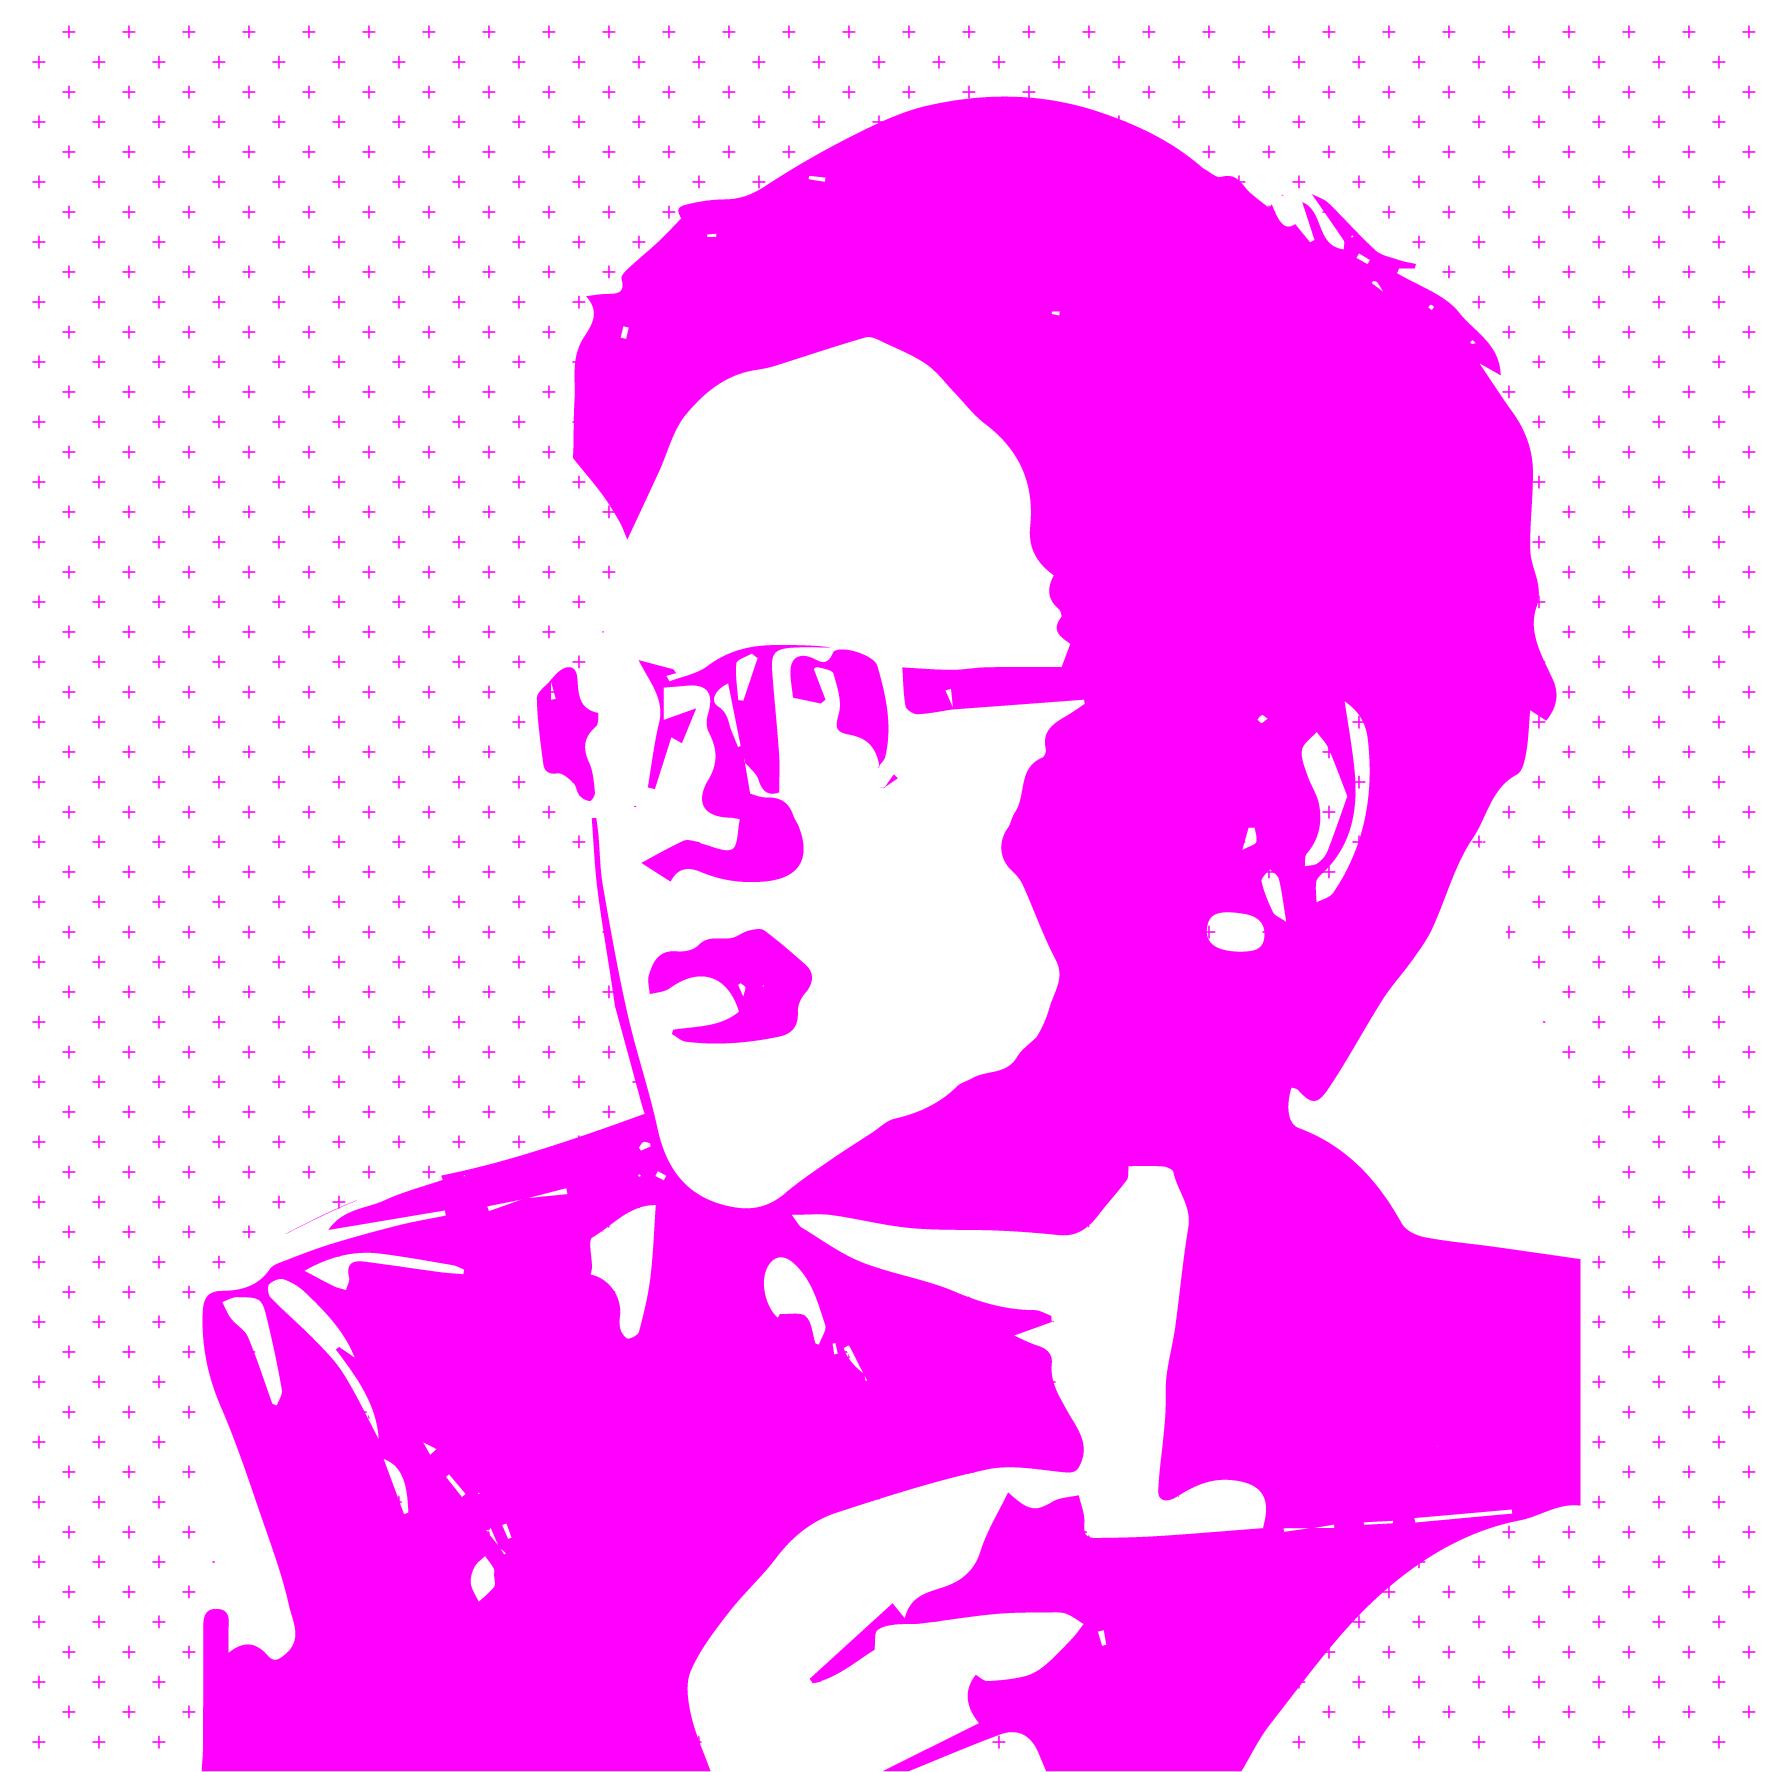 Sky Lo Tian Tian - PhD Candidate CUHK & VUW, since 2013